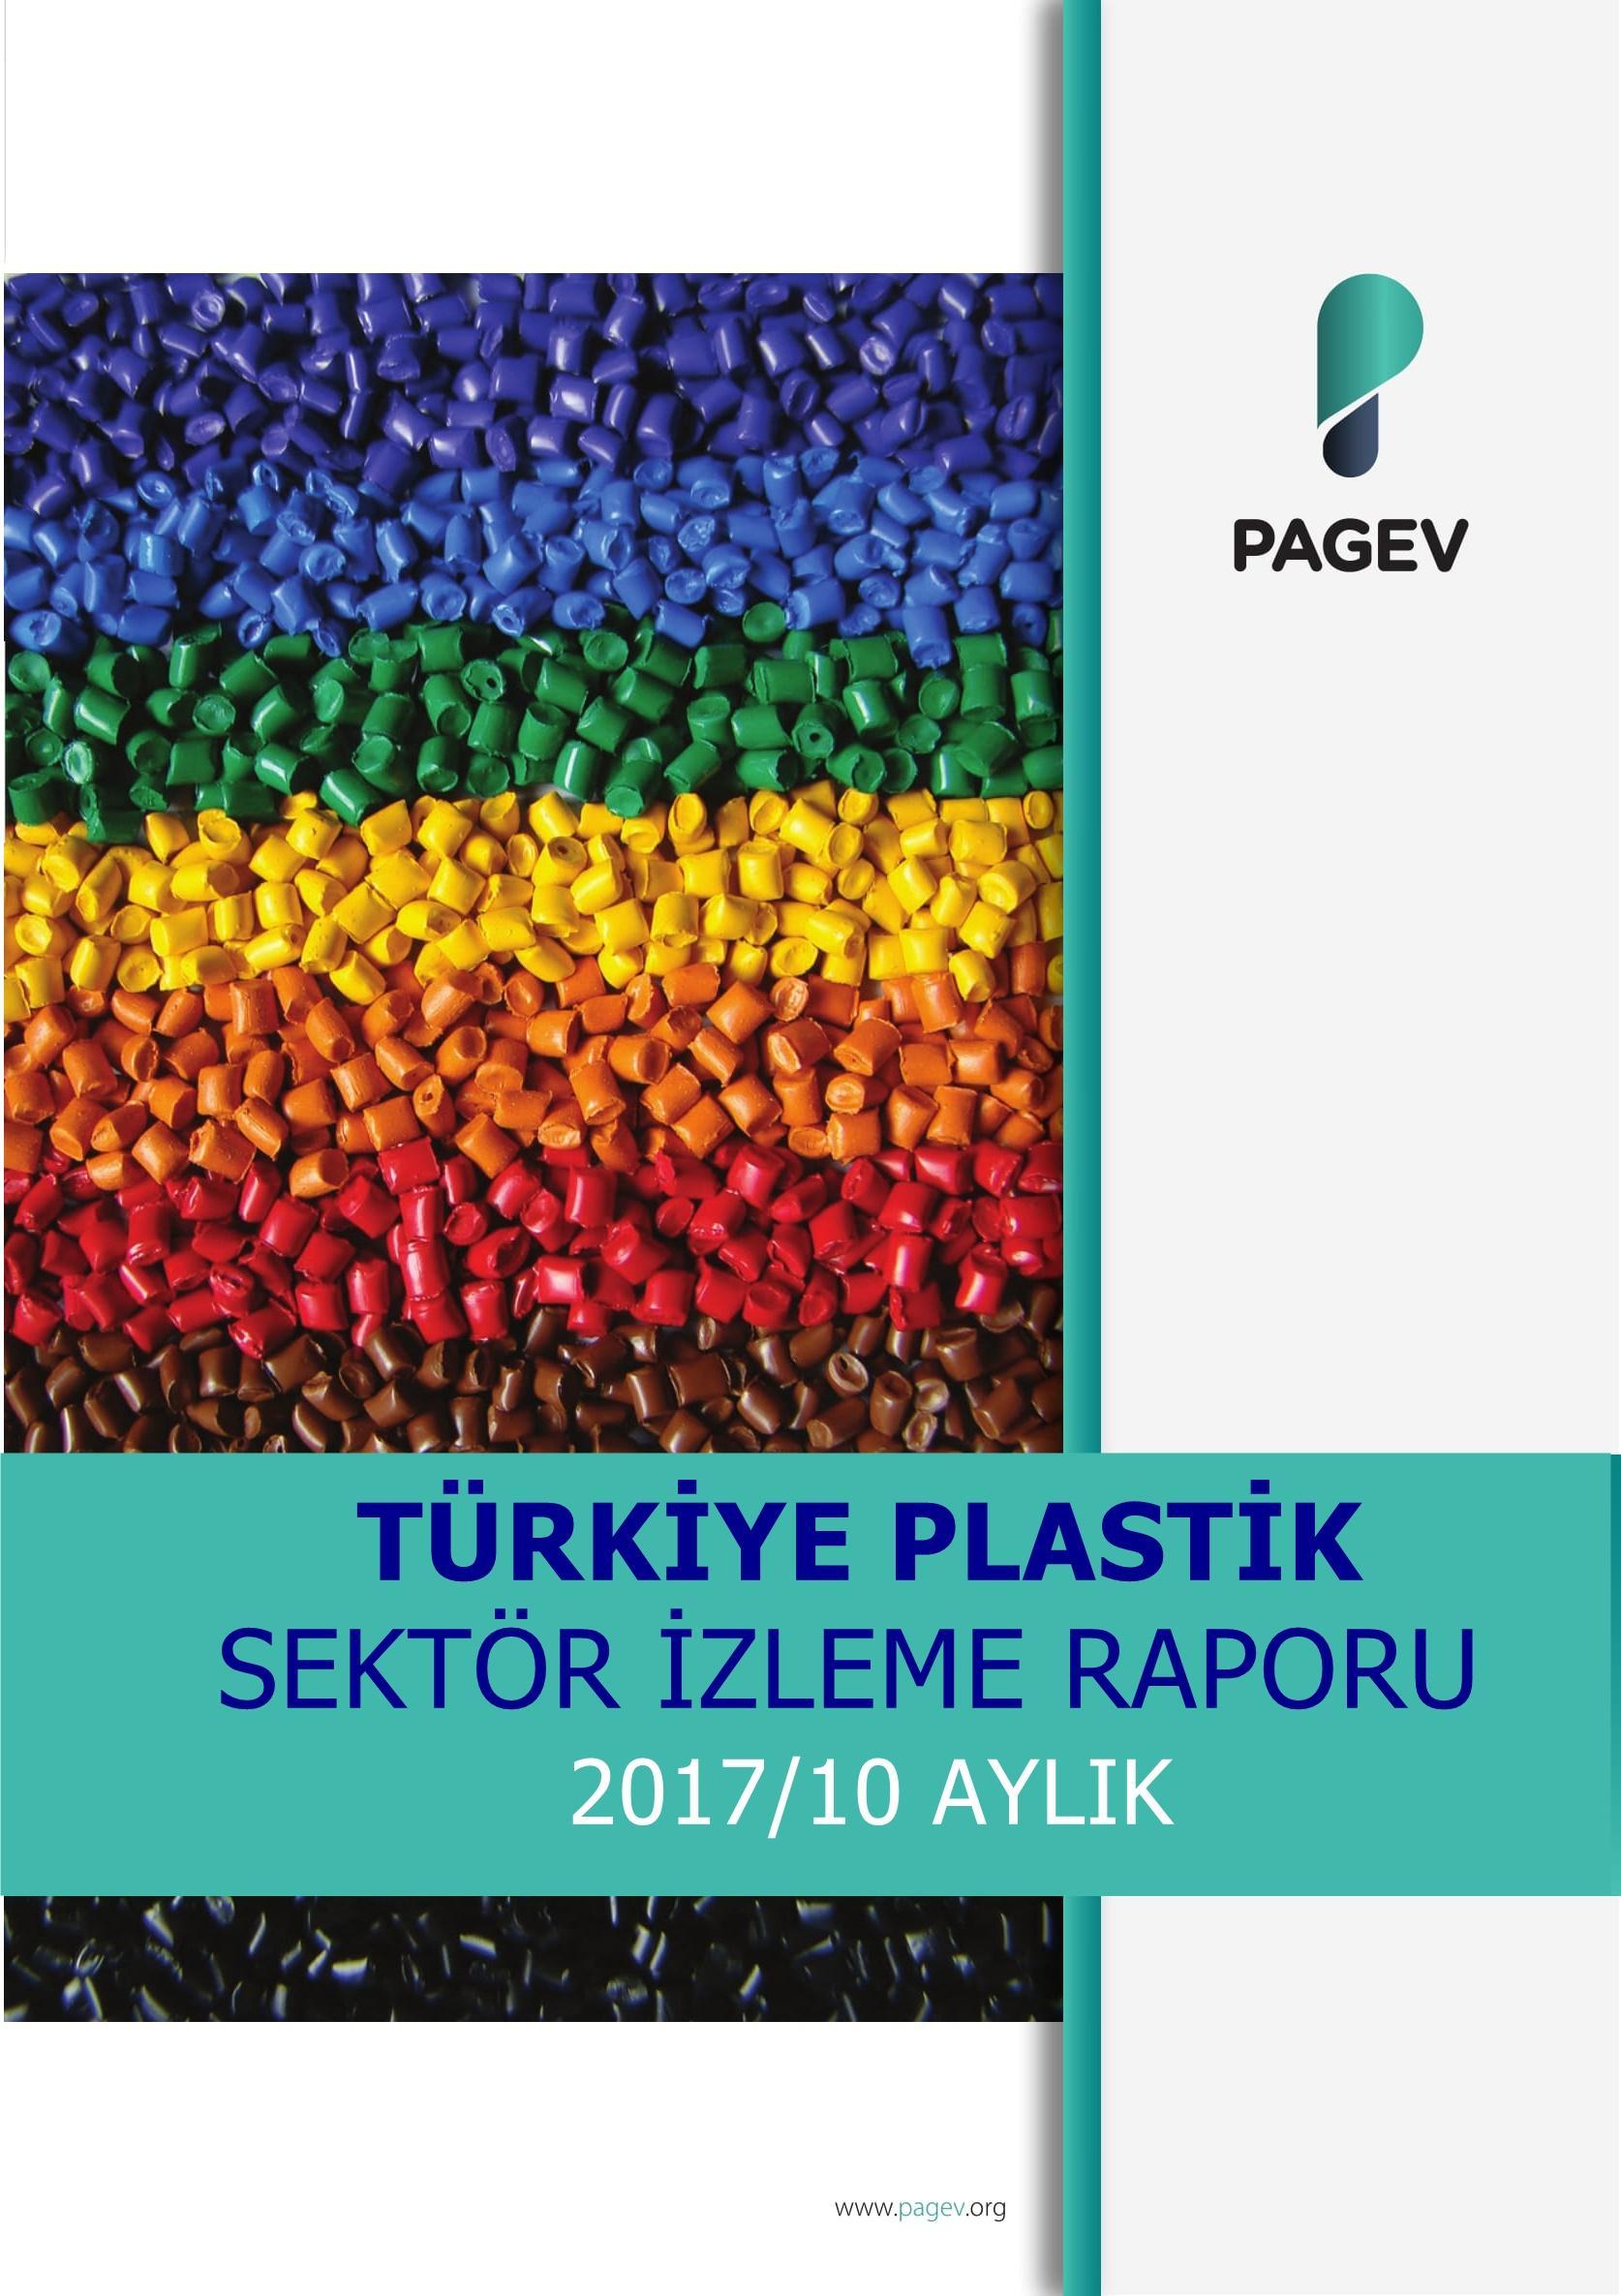 Türkiye Plastik Sektör İzleme Raporu 2017/10 Aylık (Yıl Sonu Tahminli)